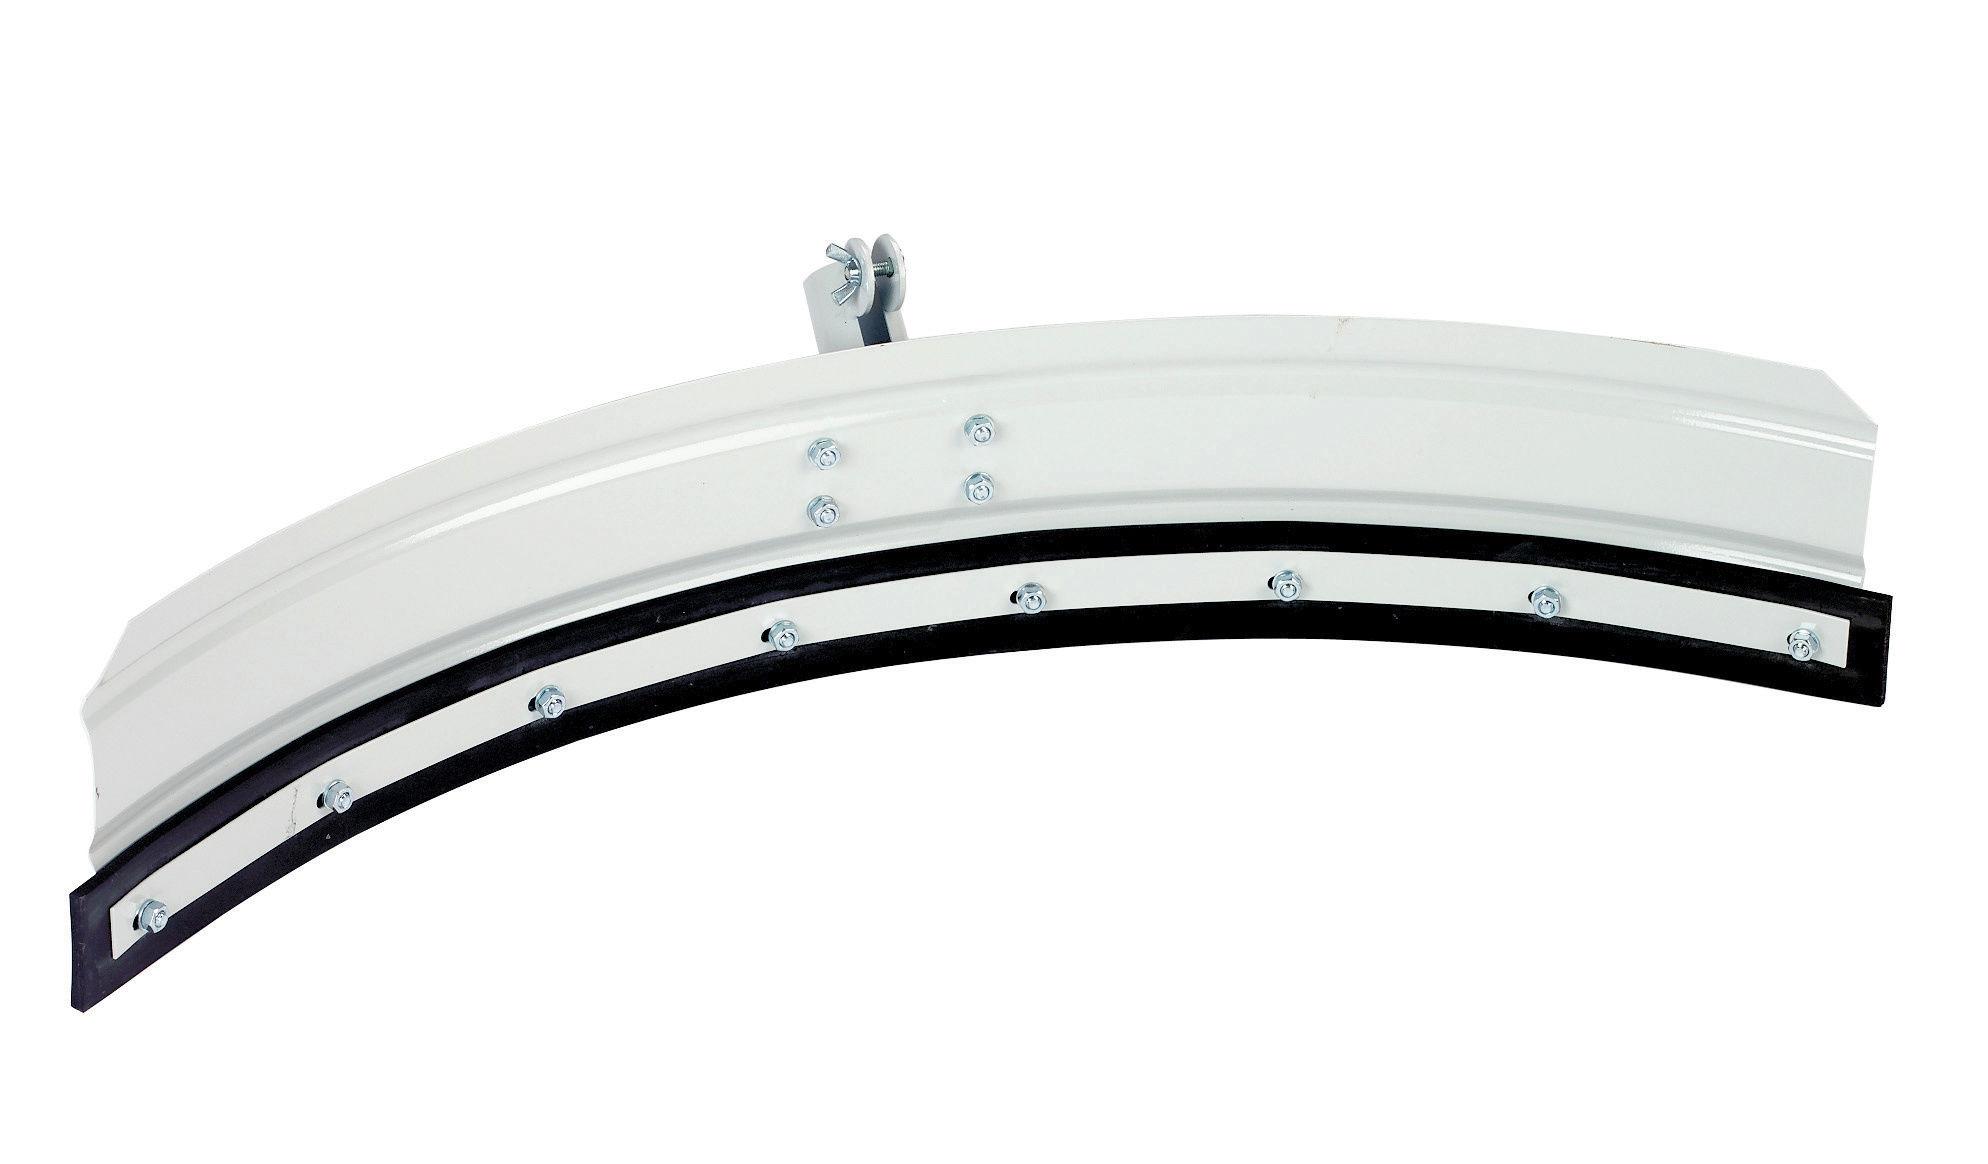 Kot- und Gülleschieber rund, 66cm lichte Weite, Gewebegummi